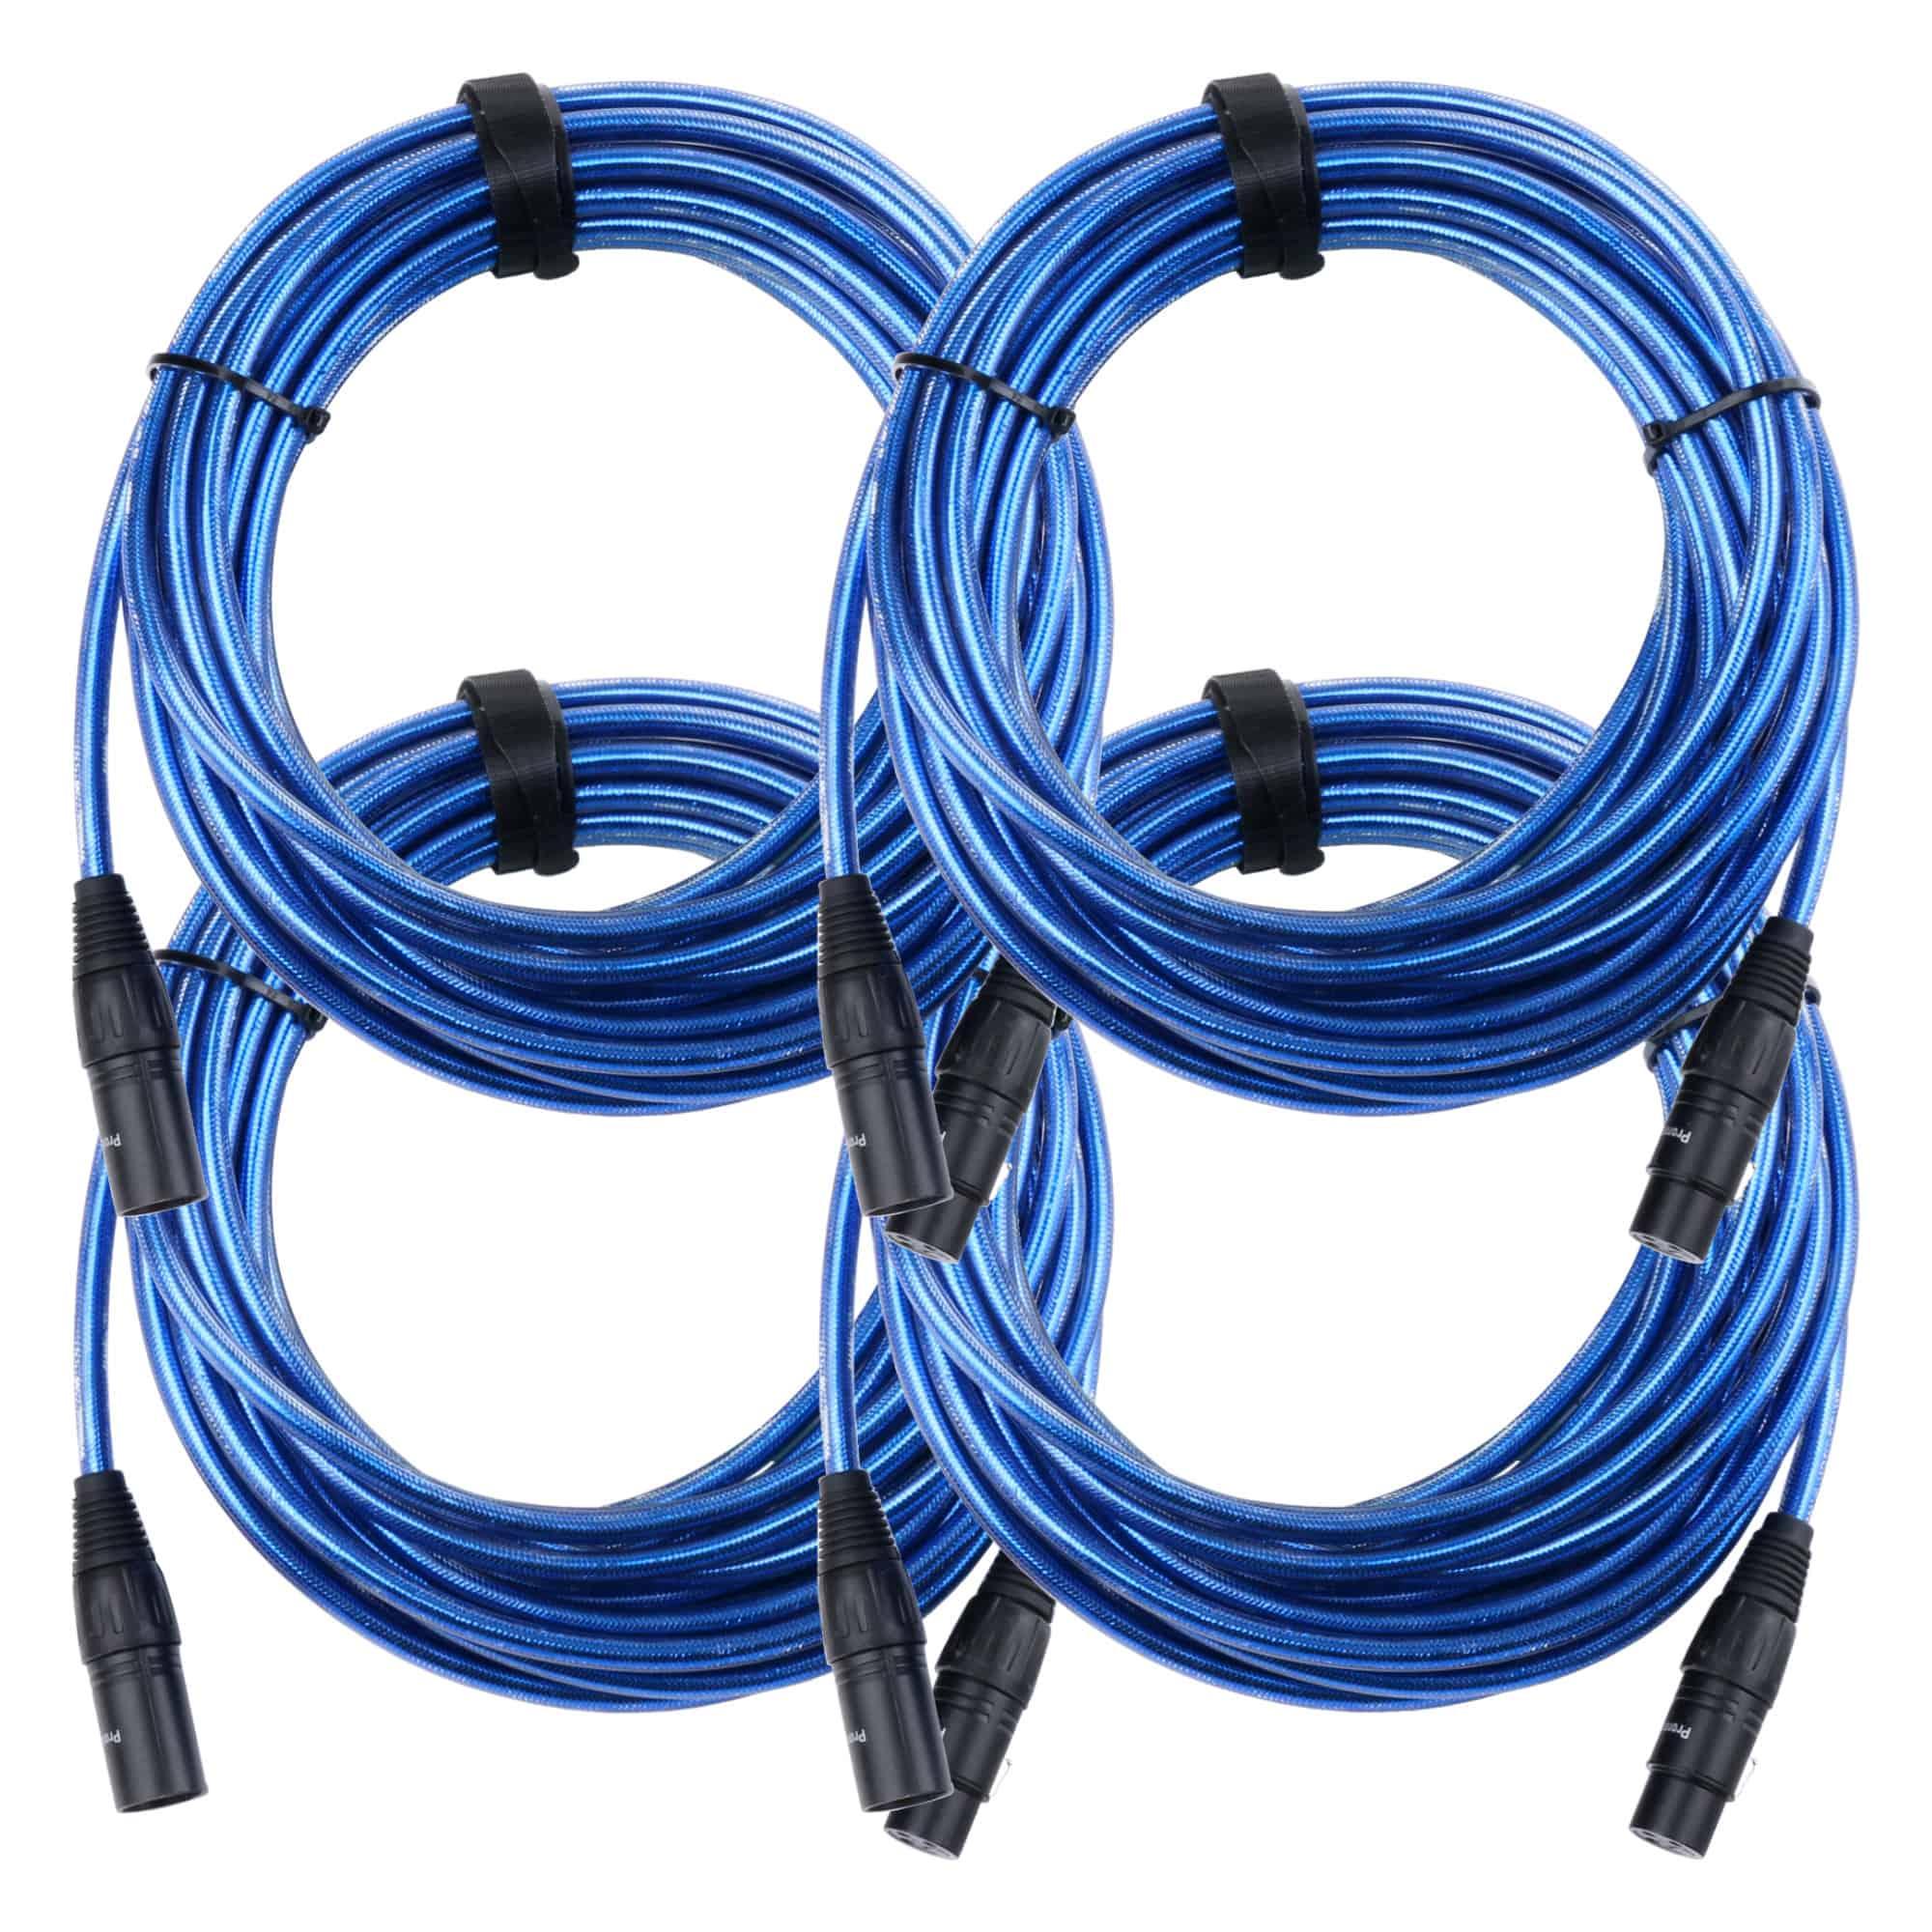 4er Set Pronomic Stage XFXM Blue 10 Mikrofonkabel XLR 10 m Metallic Blue